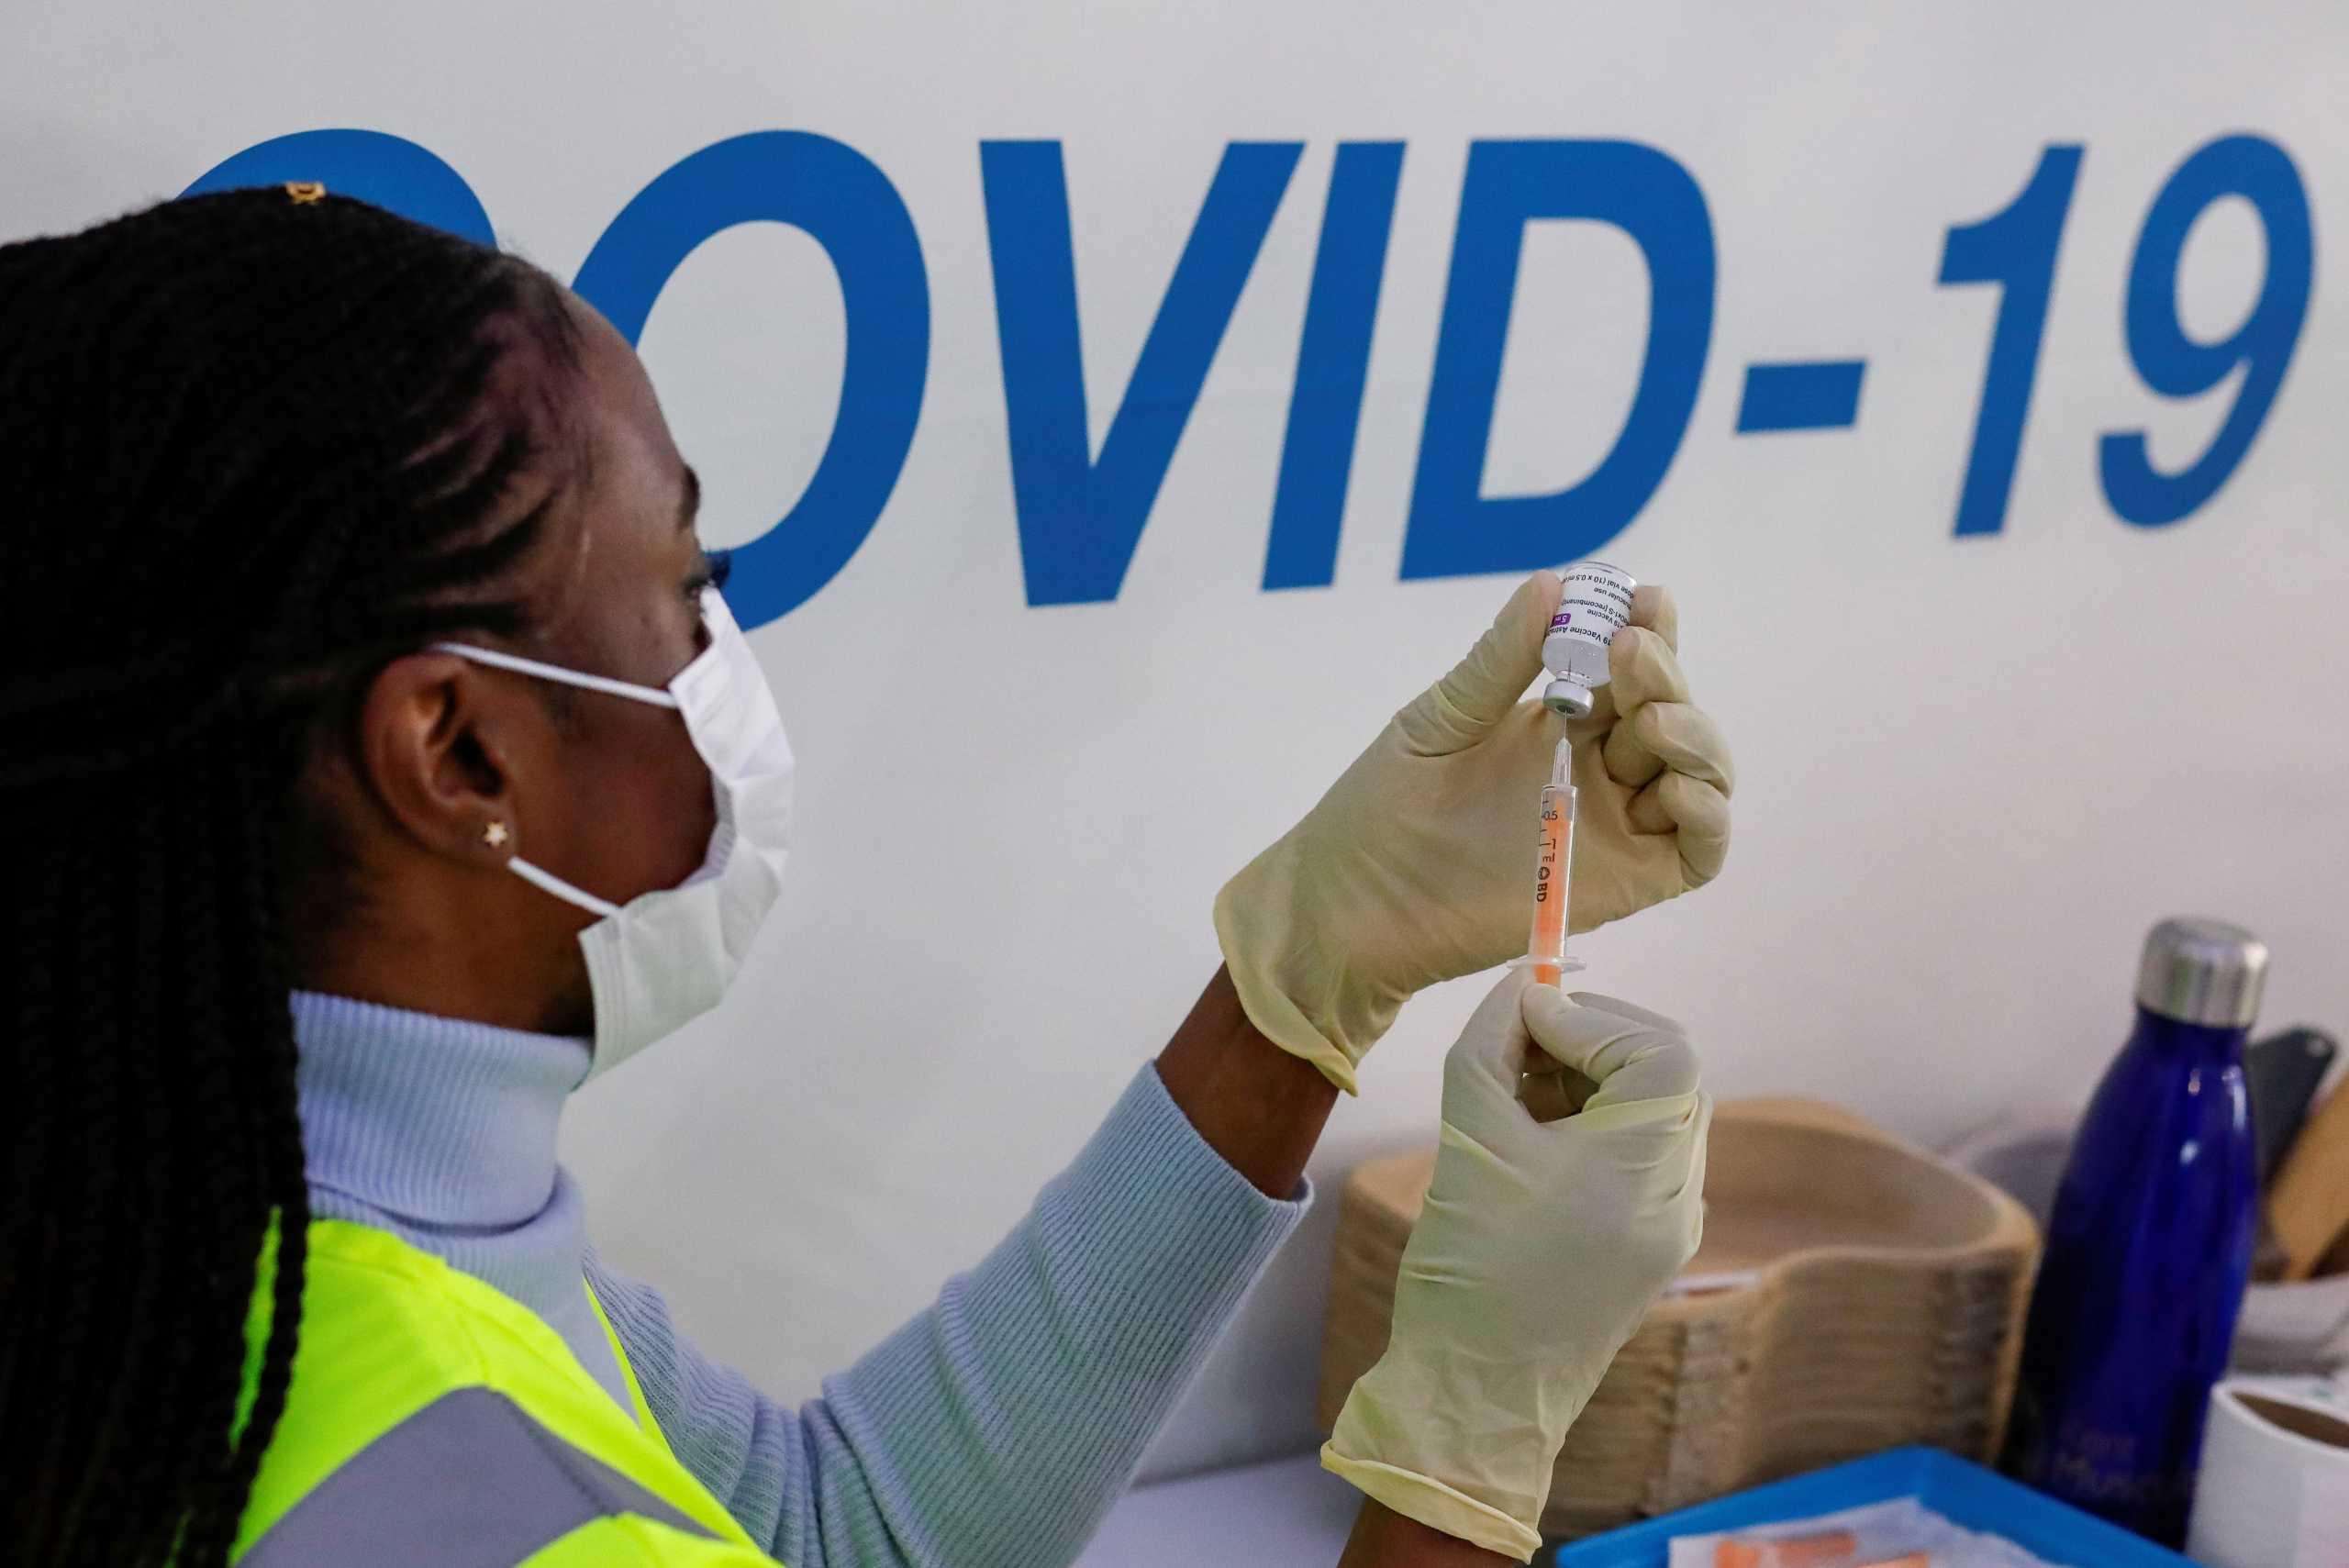 Βρετανία: Τρίτη δόση εμβολίου κατά του κορονοϊού σε 500.000 πολίτες